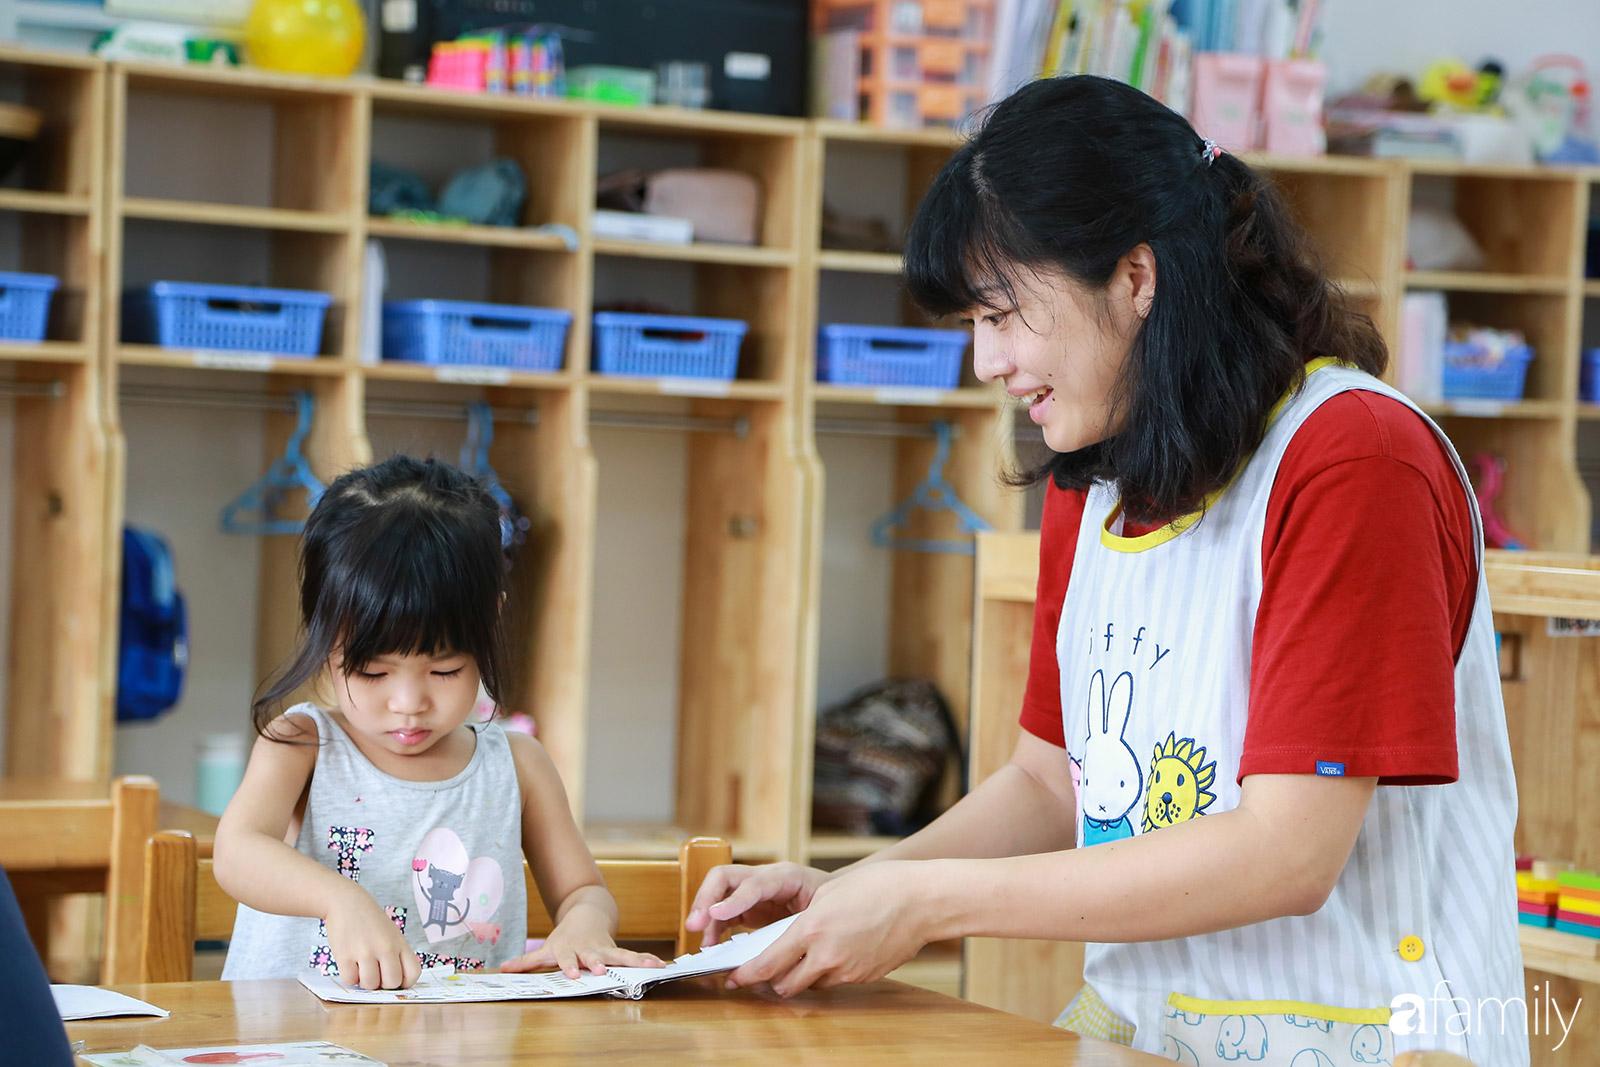 Đi học để tìm ra hạnh phúc - Điều đã đốn tim tôi khi đến thăm một ngôi trường chuẩn Nhật tại Hà Nội - Ảnh 9.